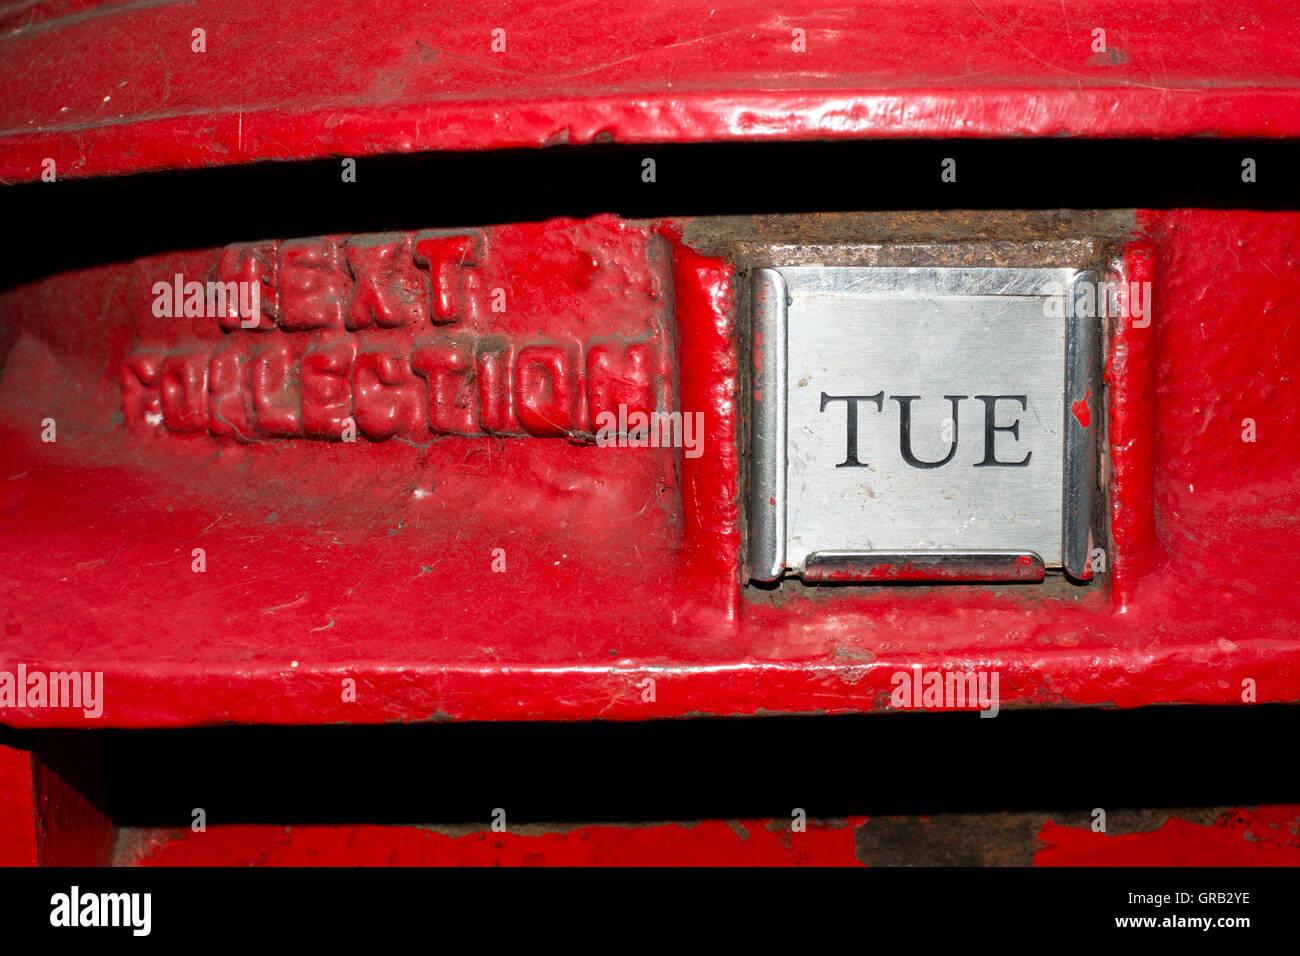 Dienstag nächste Sammlung Platte auf roten Briefkasten, UK Stockbild